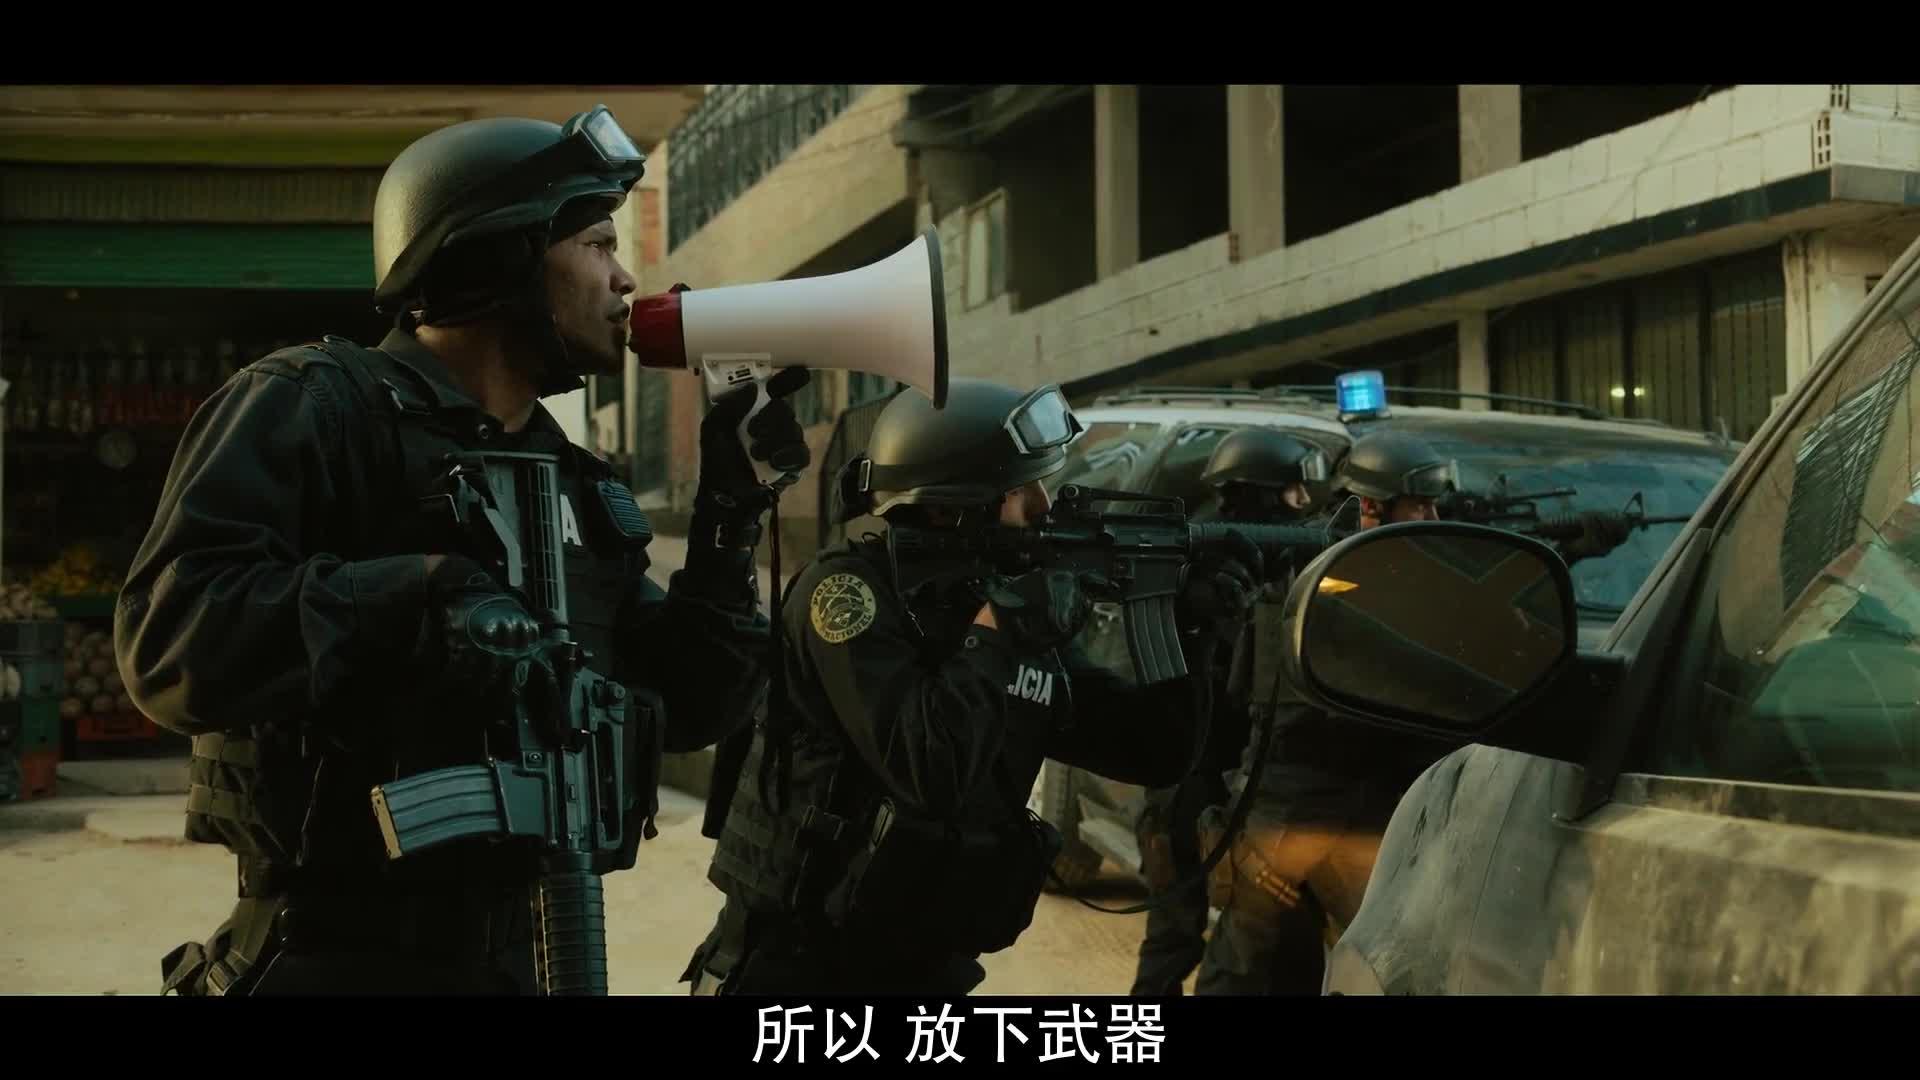 特种部队进入贫民窟缉毒,没想毒贩的火力那么猛